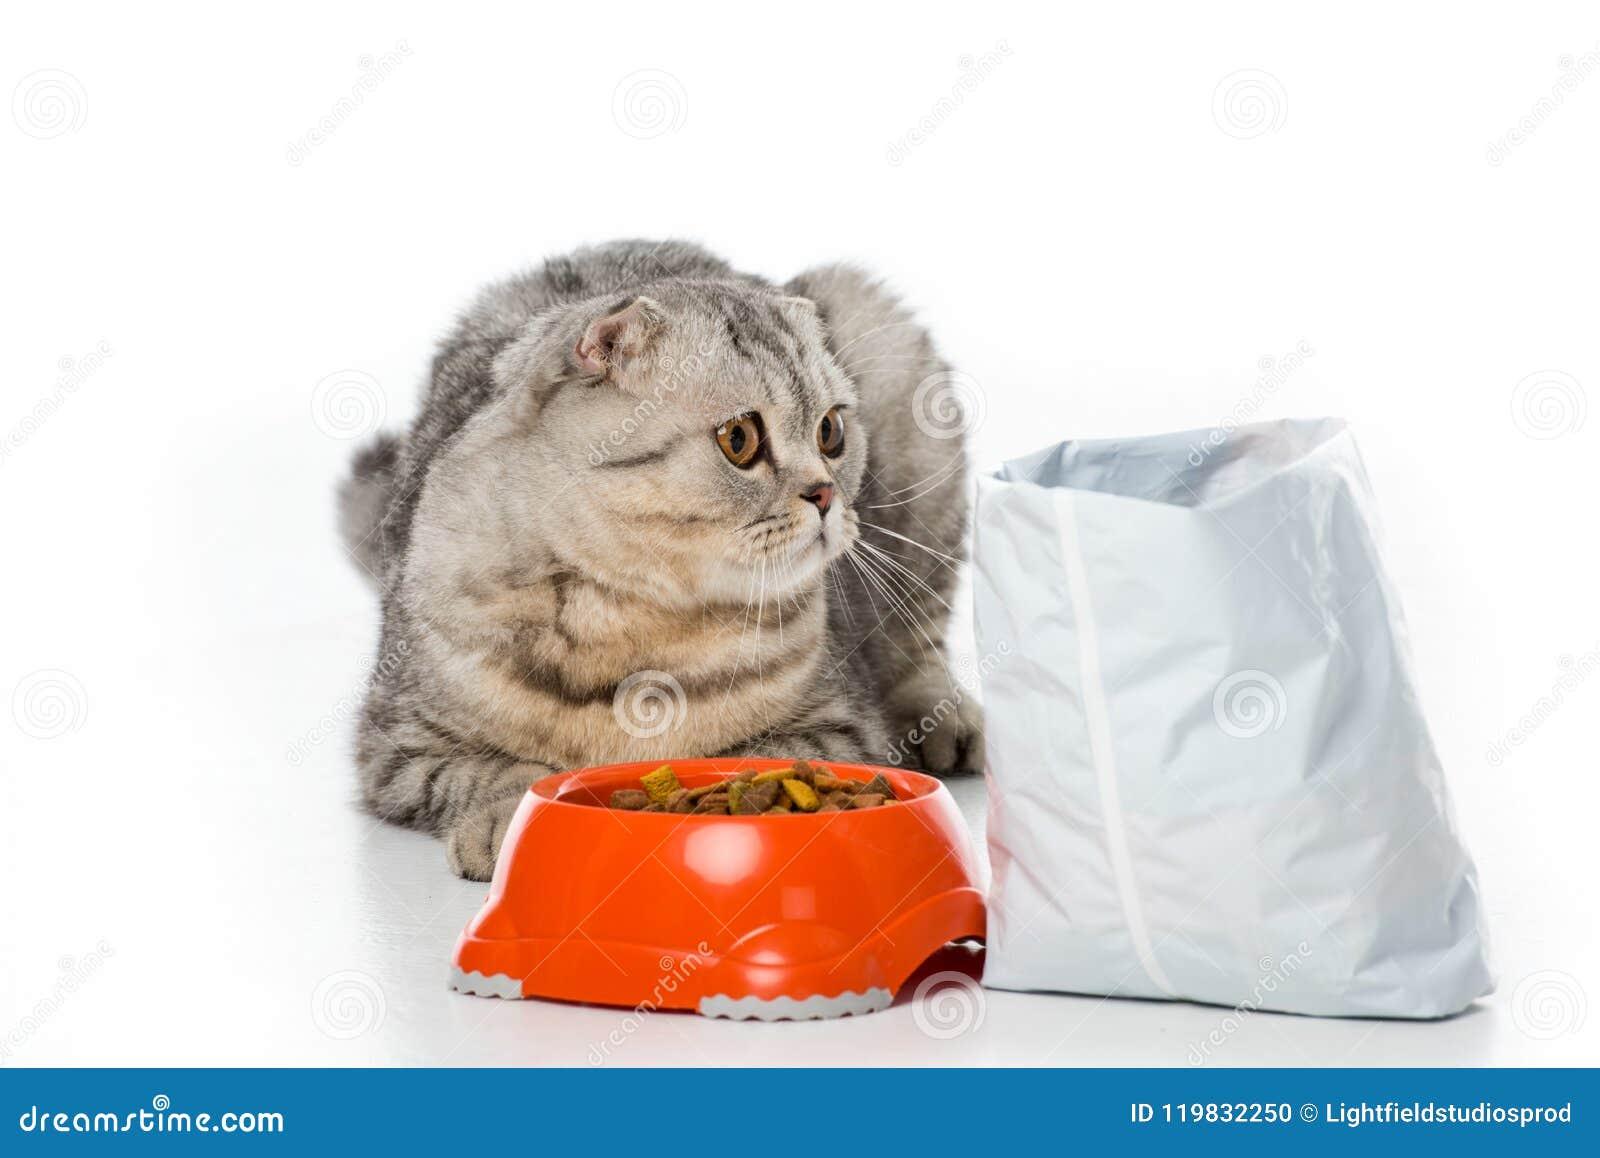 Chat velu adorable se trouvant près du bol et du paquet d aliments pour chats sur le blanc